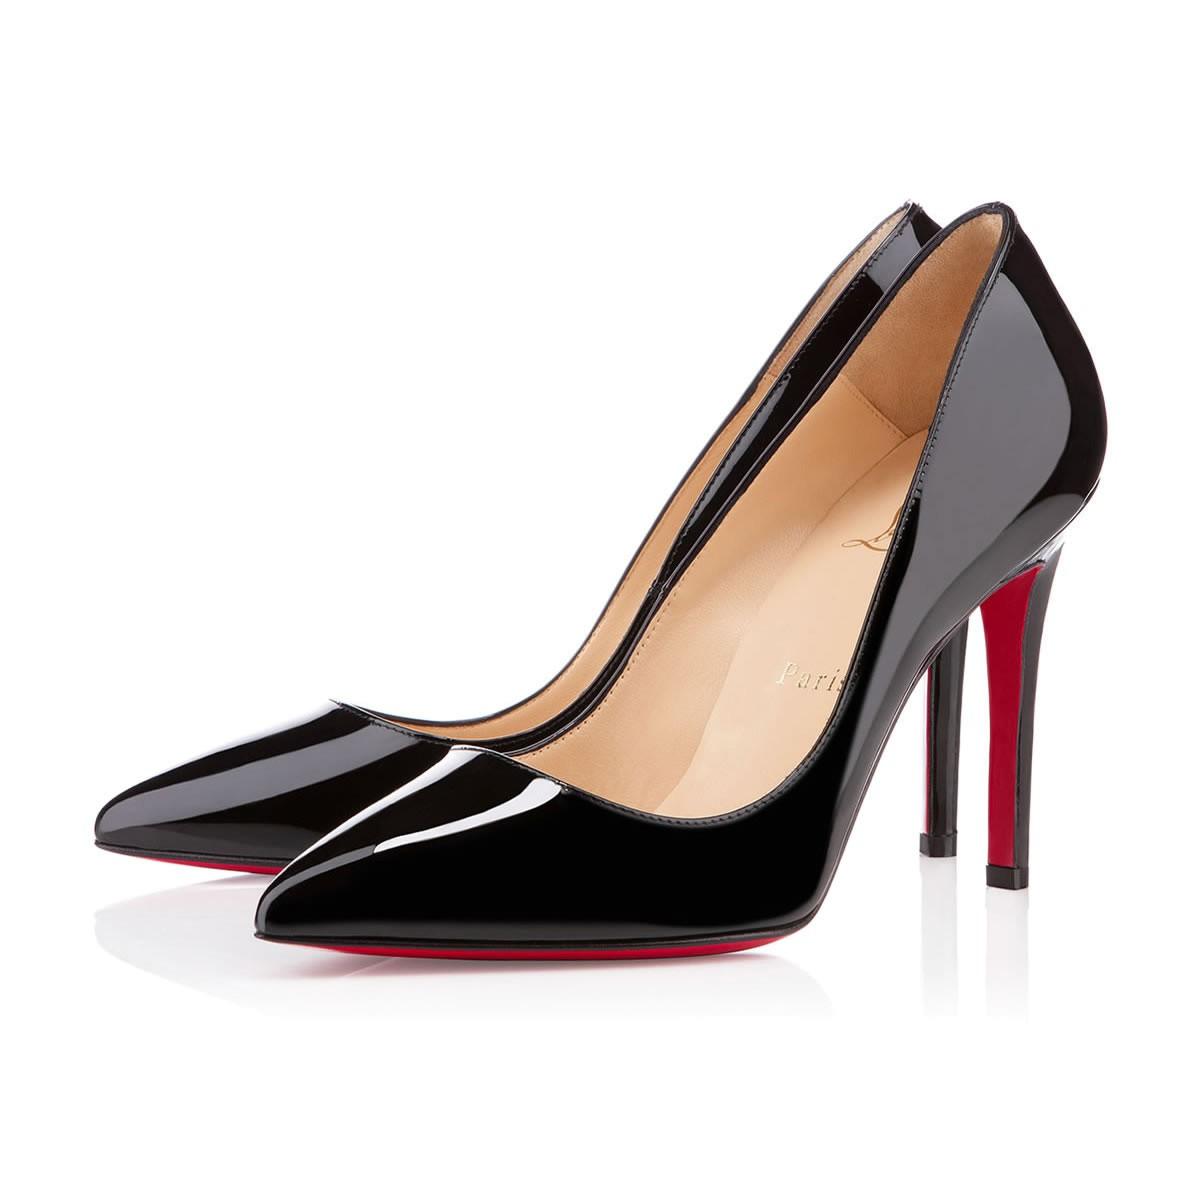 chaussure louboutin noir et rouge